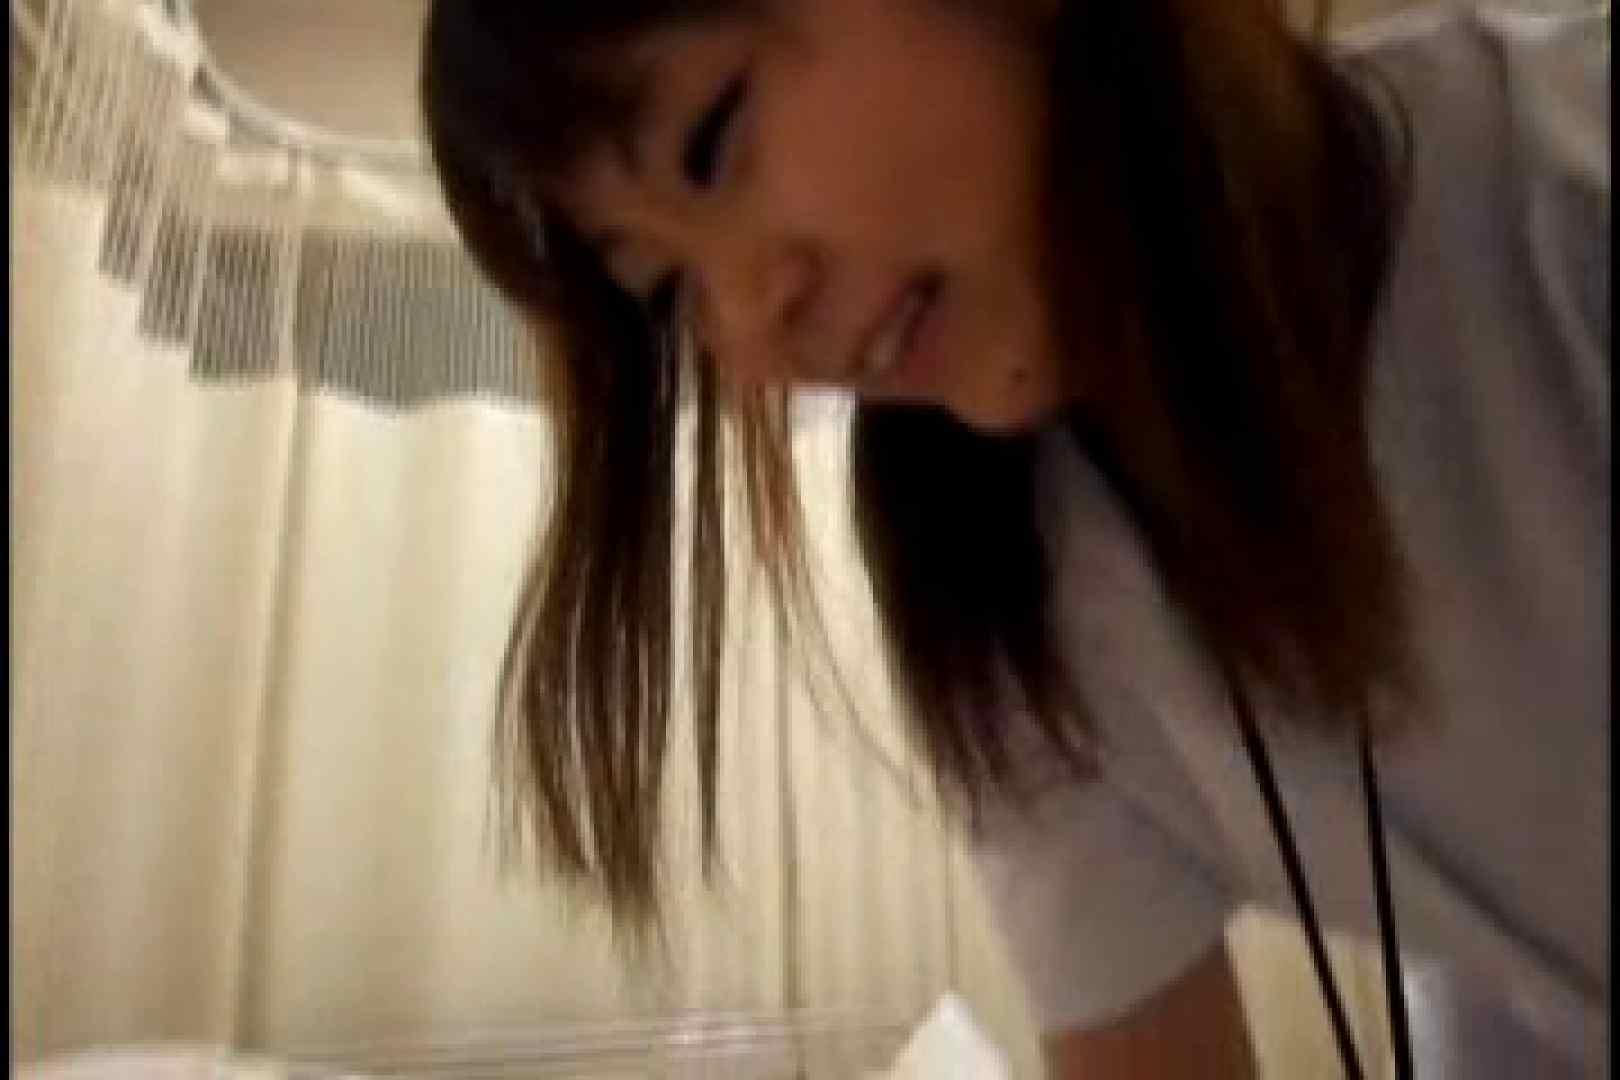 ヤリマンと呼ばれた看護士さんvol1 シックスナイン | フェラ  99枚 58